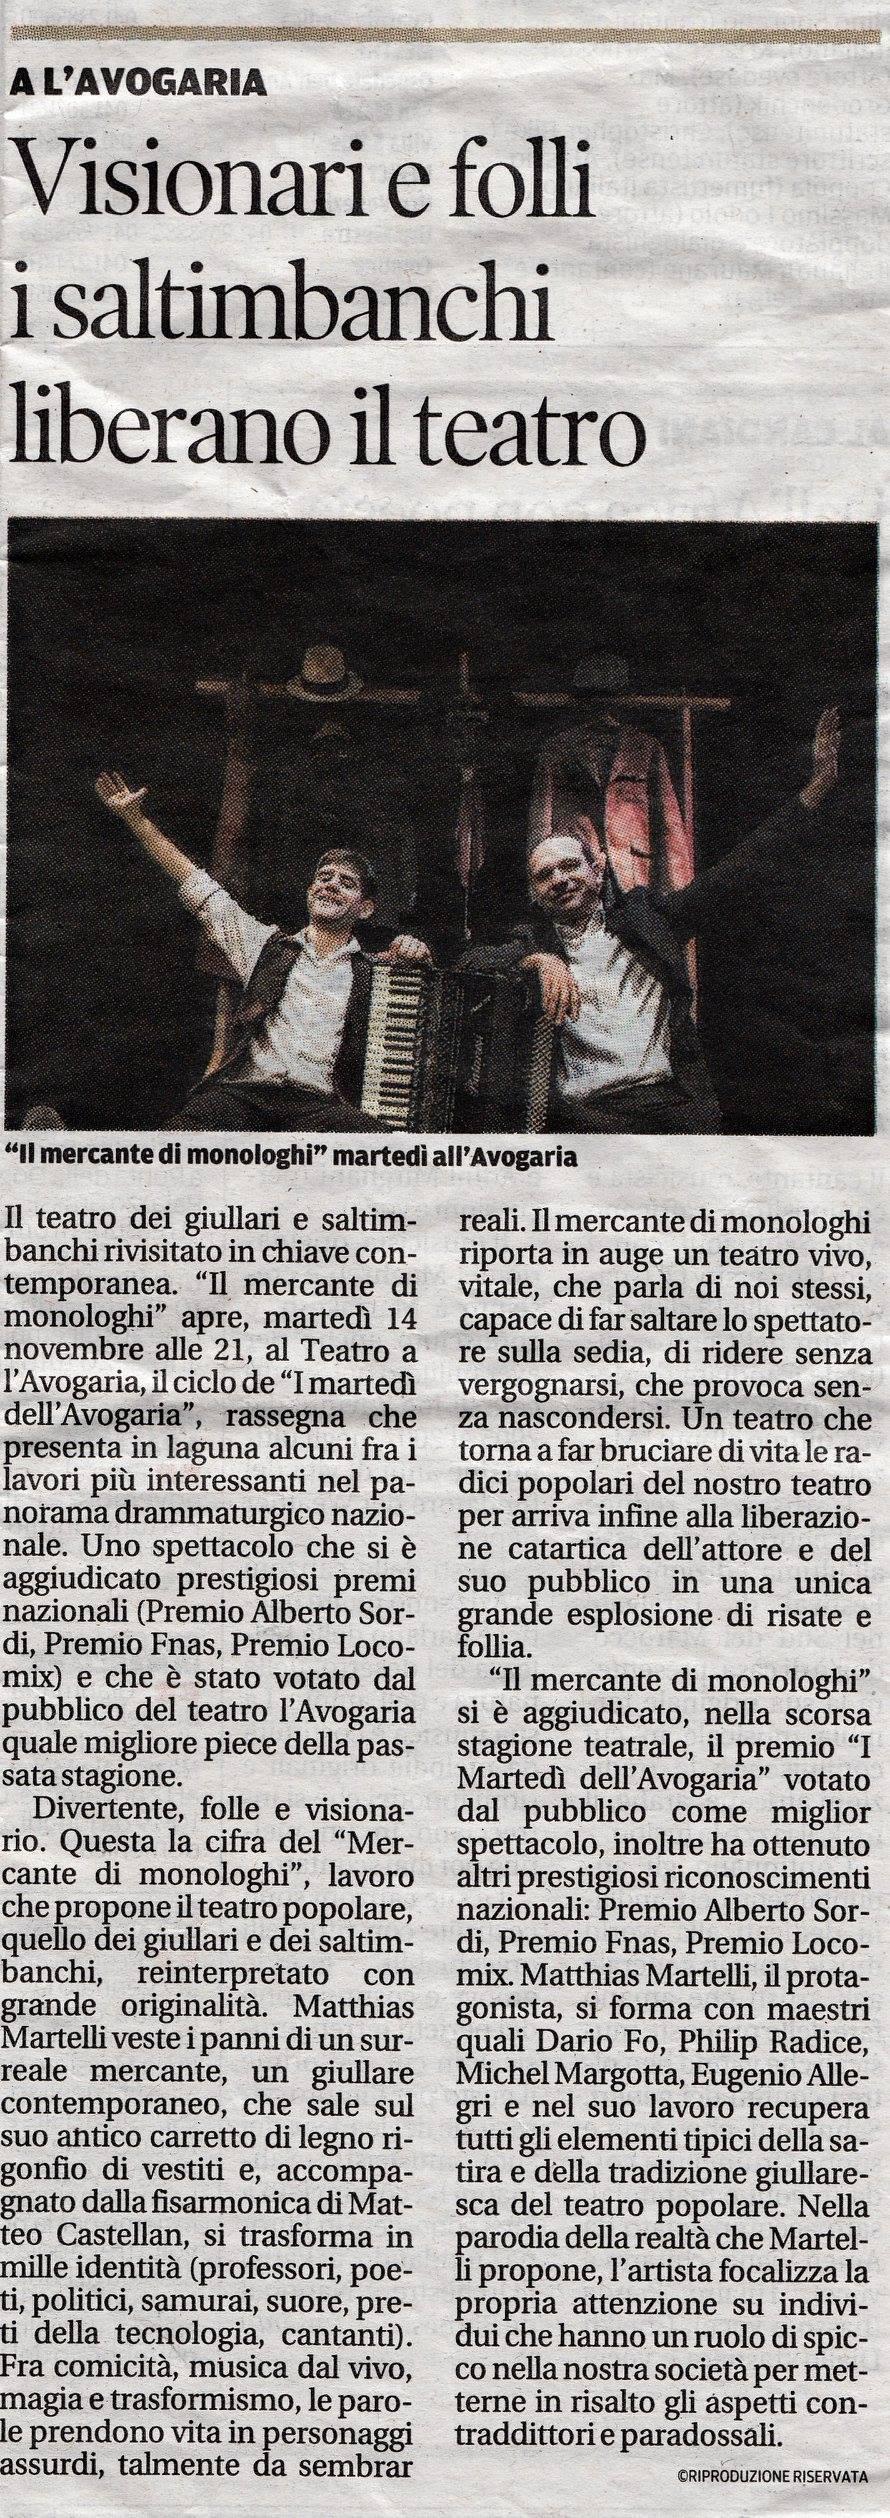 La Nuova Venezia - 13/11/17